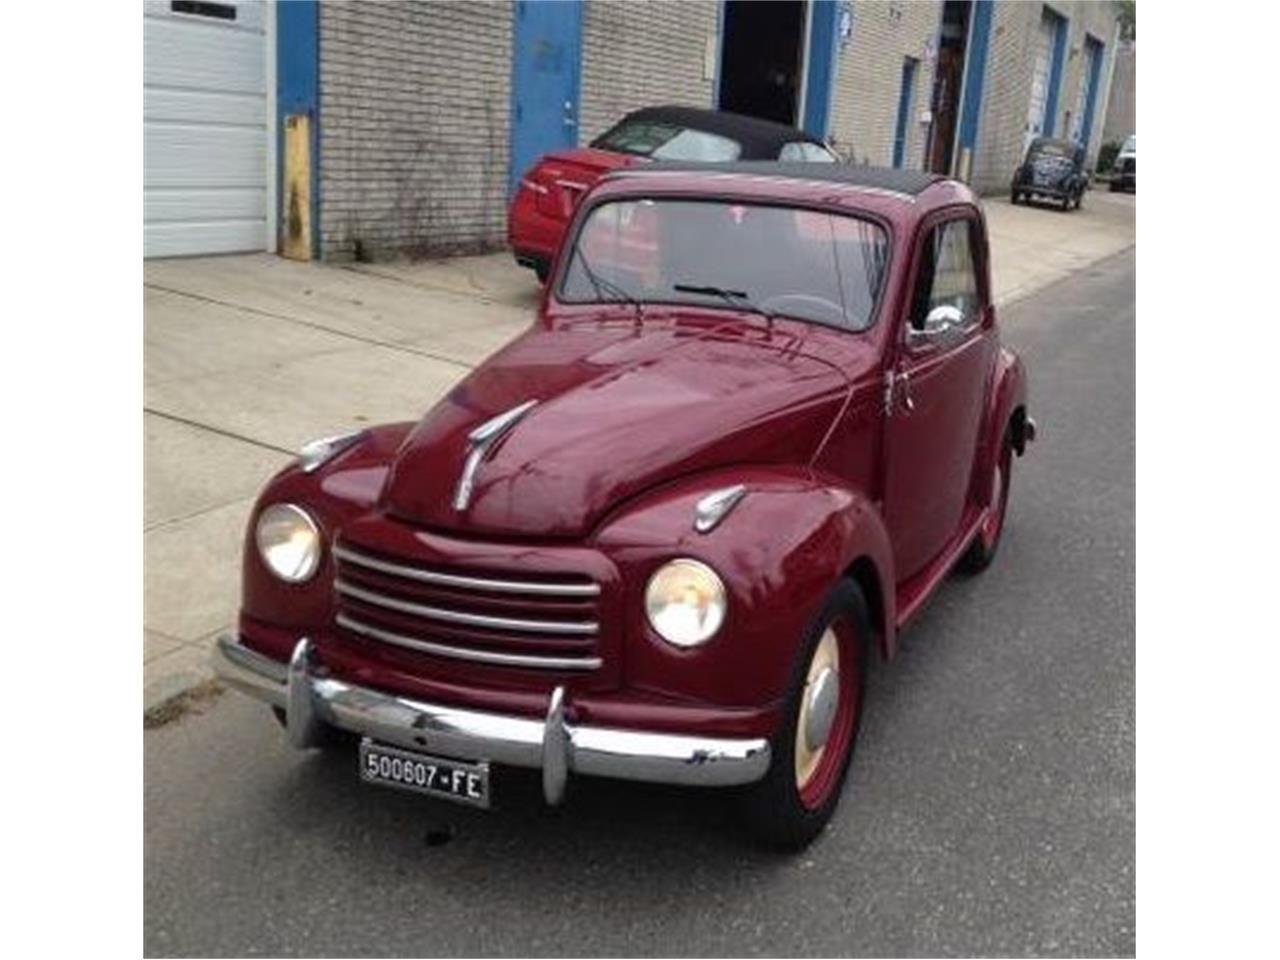 New Car Old Car 1953 Fiat 500l Fiat 500l Fiat New Cars